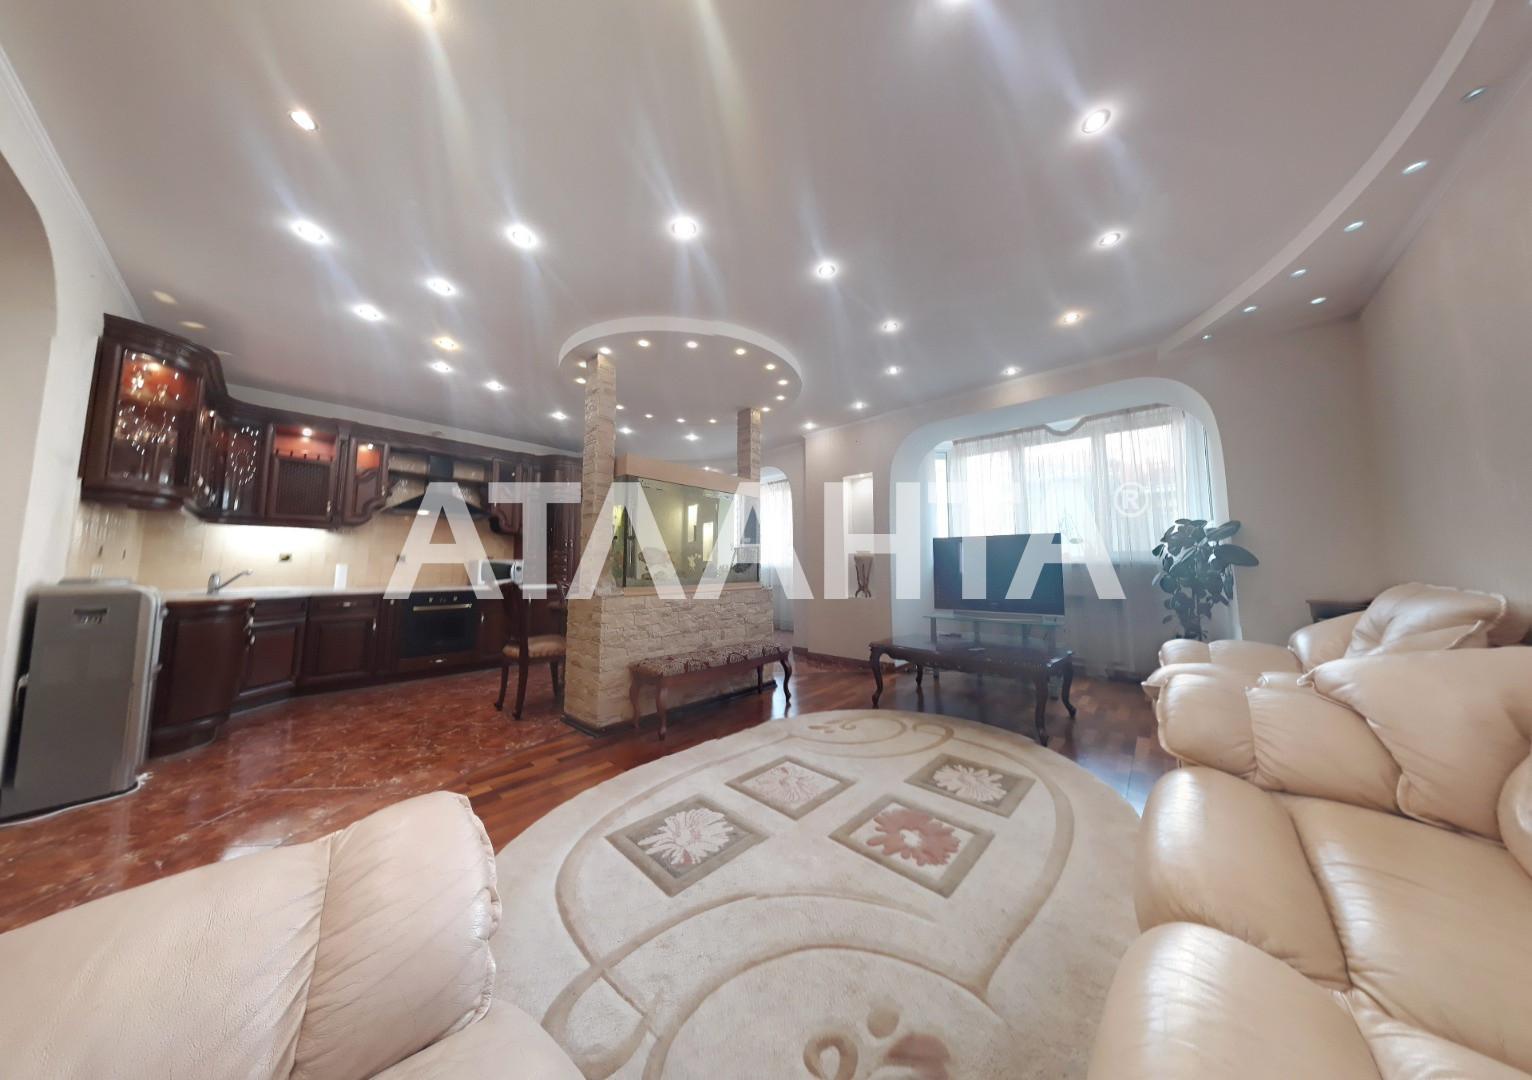 Продается 3-комнатная Квартира на ул. Ул. Вильямса — 118 000 у.е. (фото №14)